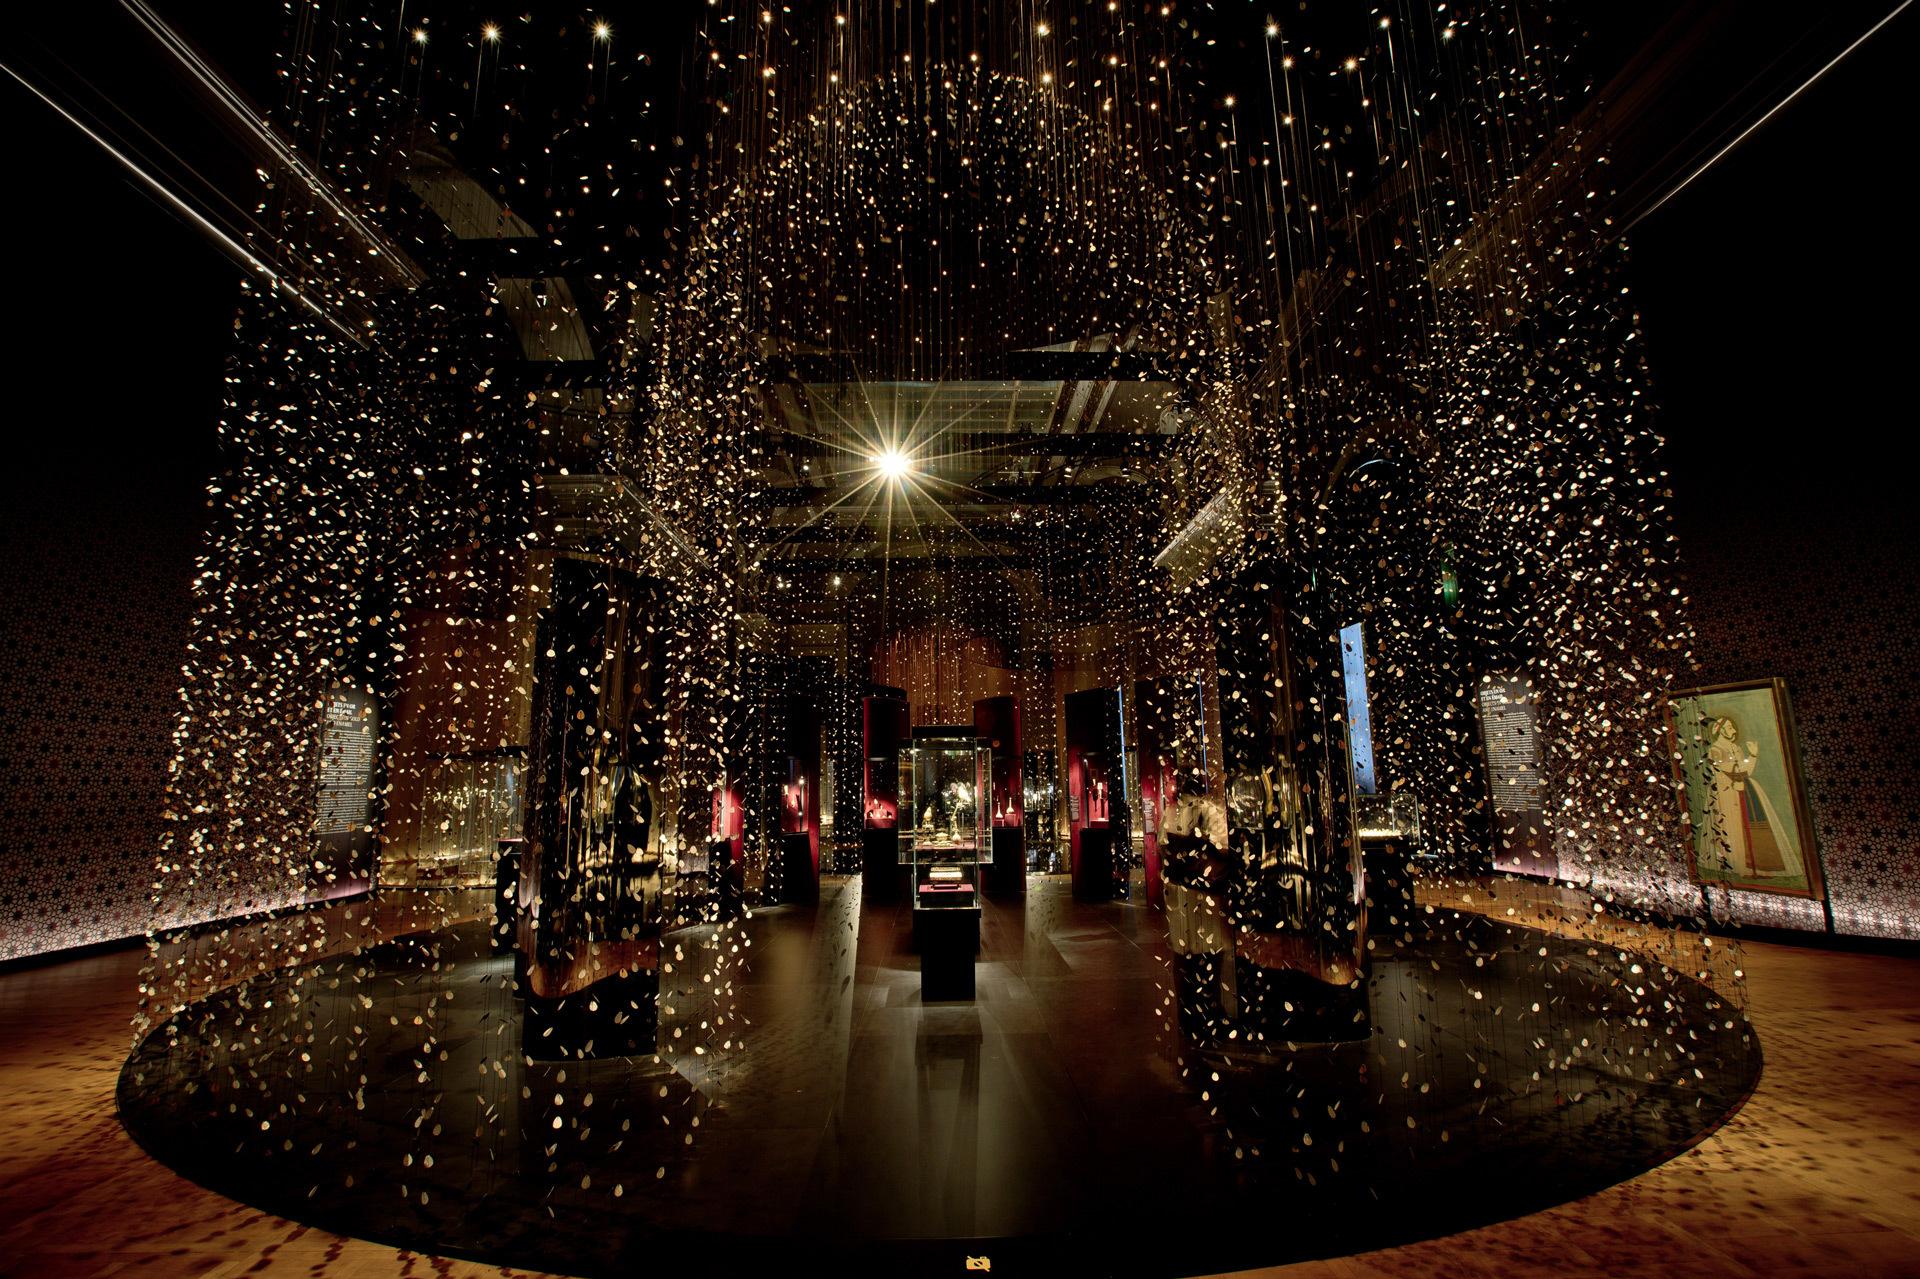 Joyaux de al thani en lumi re par acl au grand palais paris light zoom lumi re le portail - Expo le grand palais ...